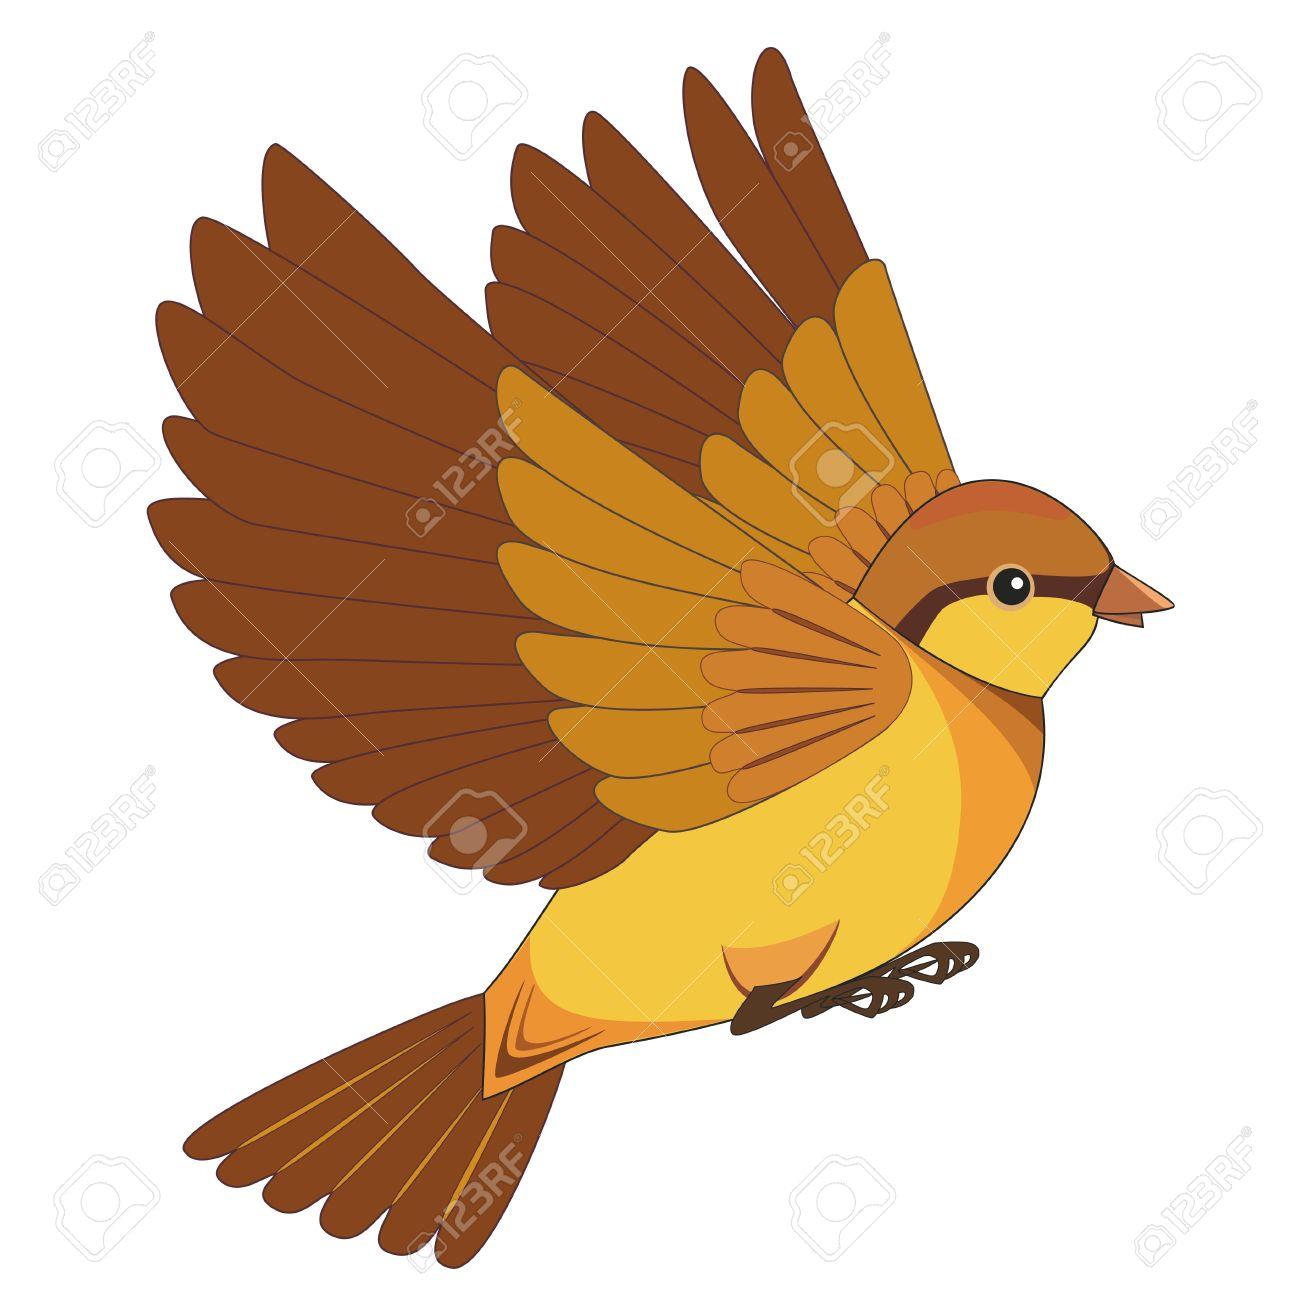 Dessin Oiseau Qui Vole Isolé Sur Fond Blanc Vector Illustration